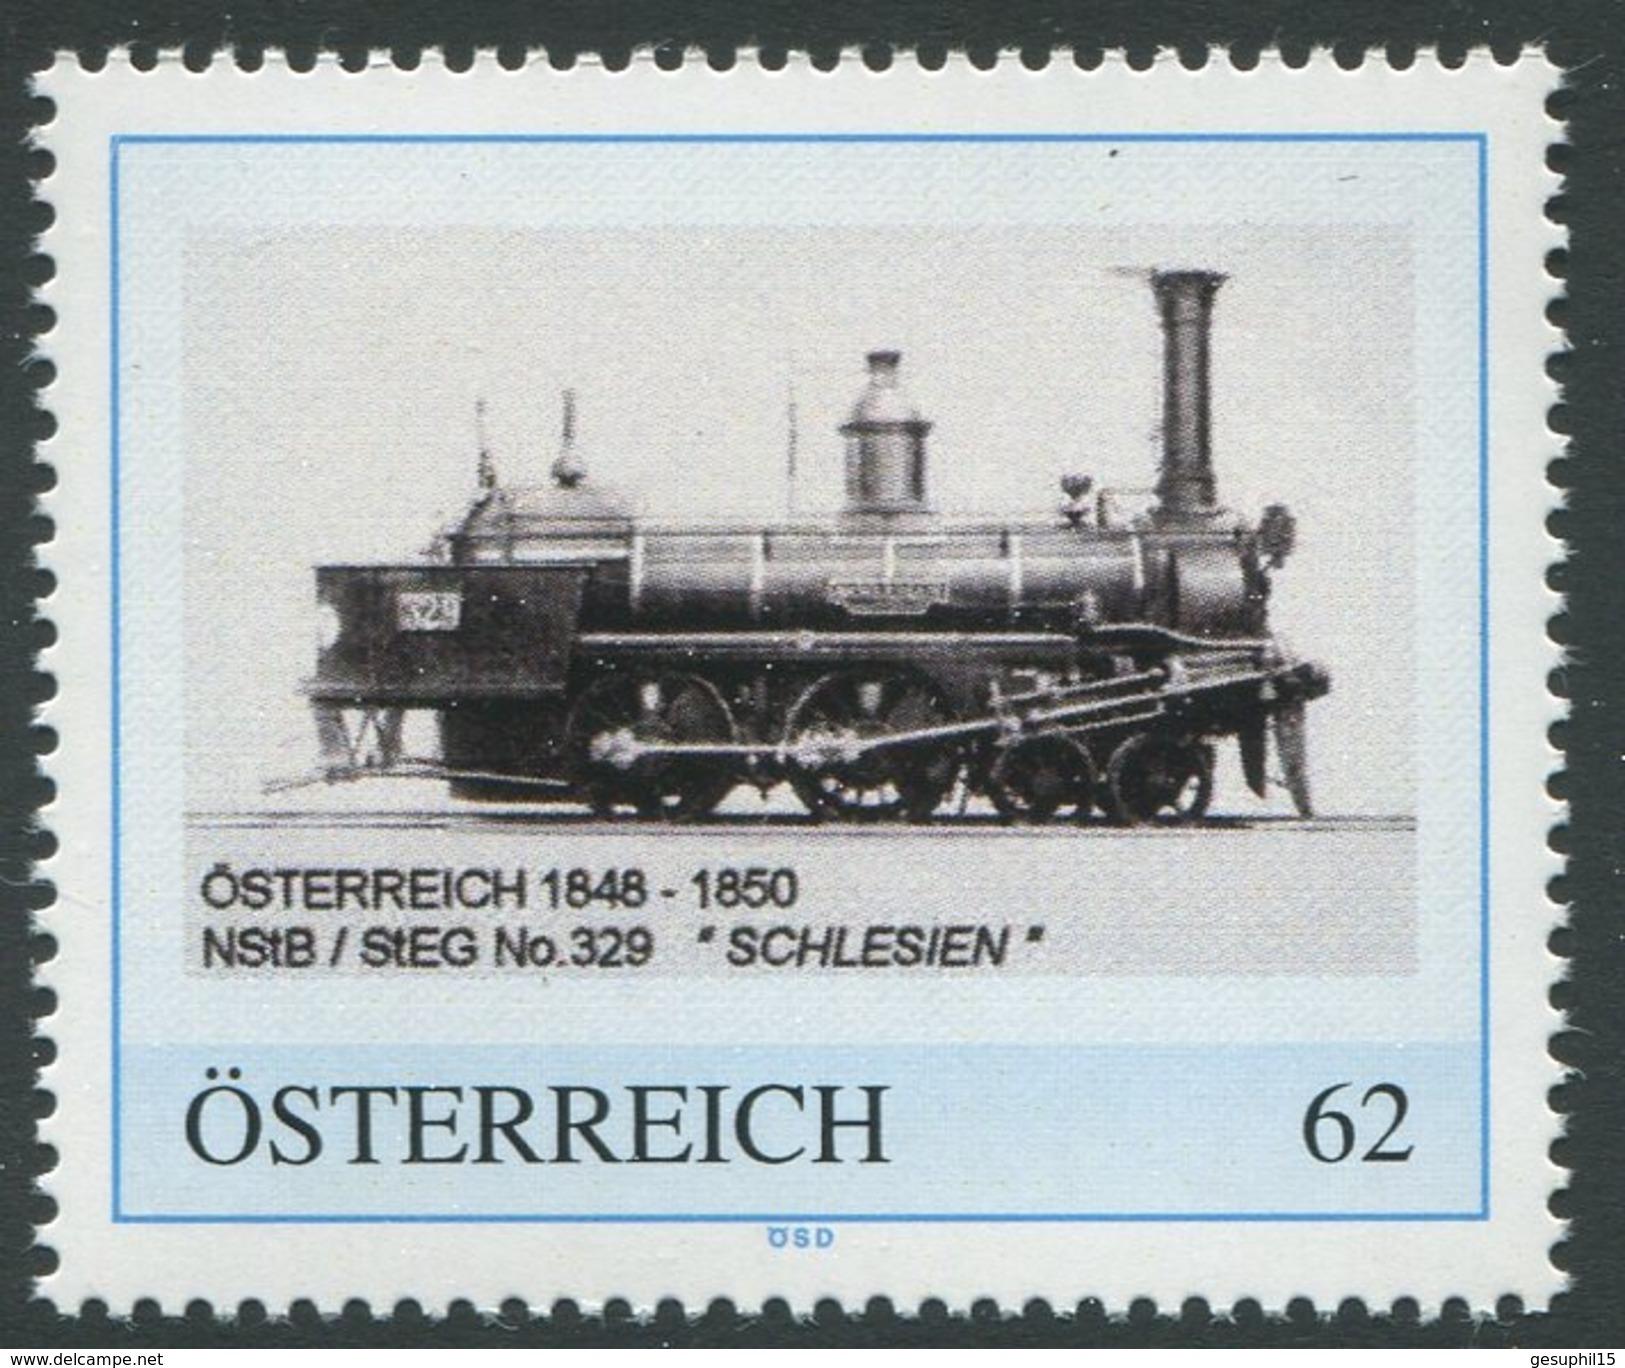 """ÖSTERREICH / Lokomotive 1848-1850 NStB / StEG No.329 """"Schlesien""""  / Postfrisch / ** / MNH - Personalisierte Briefmarken"""